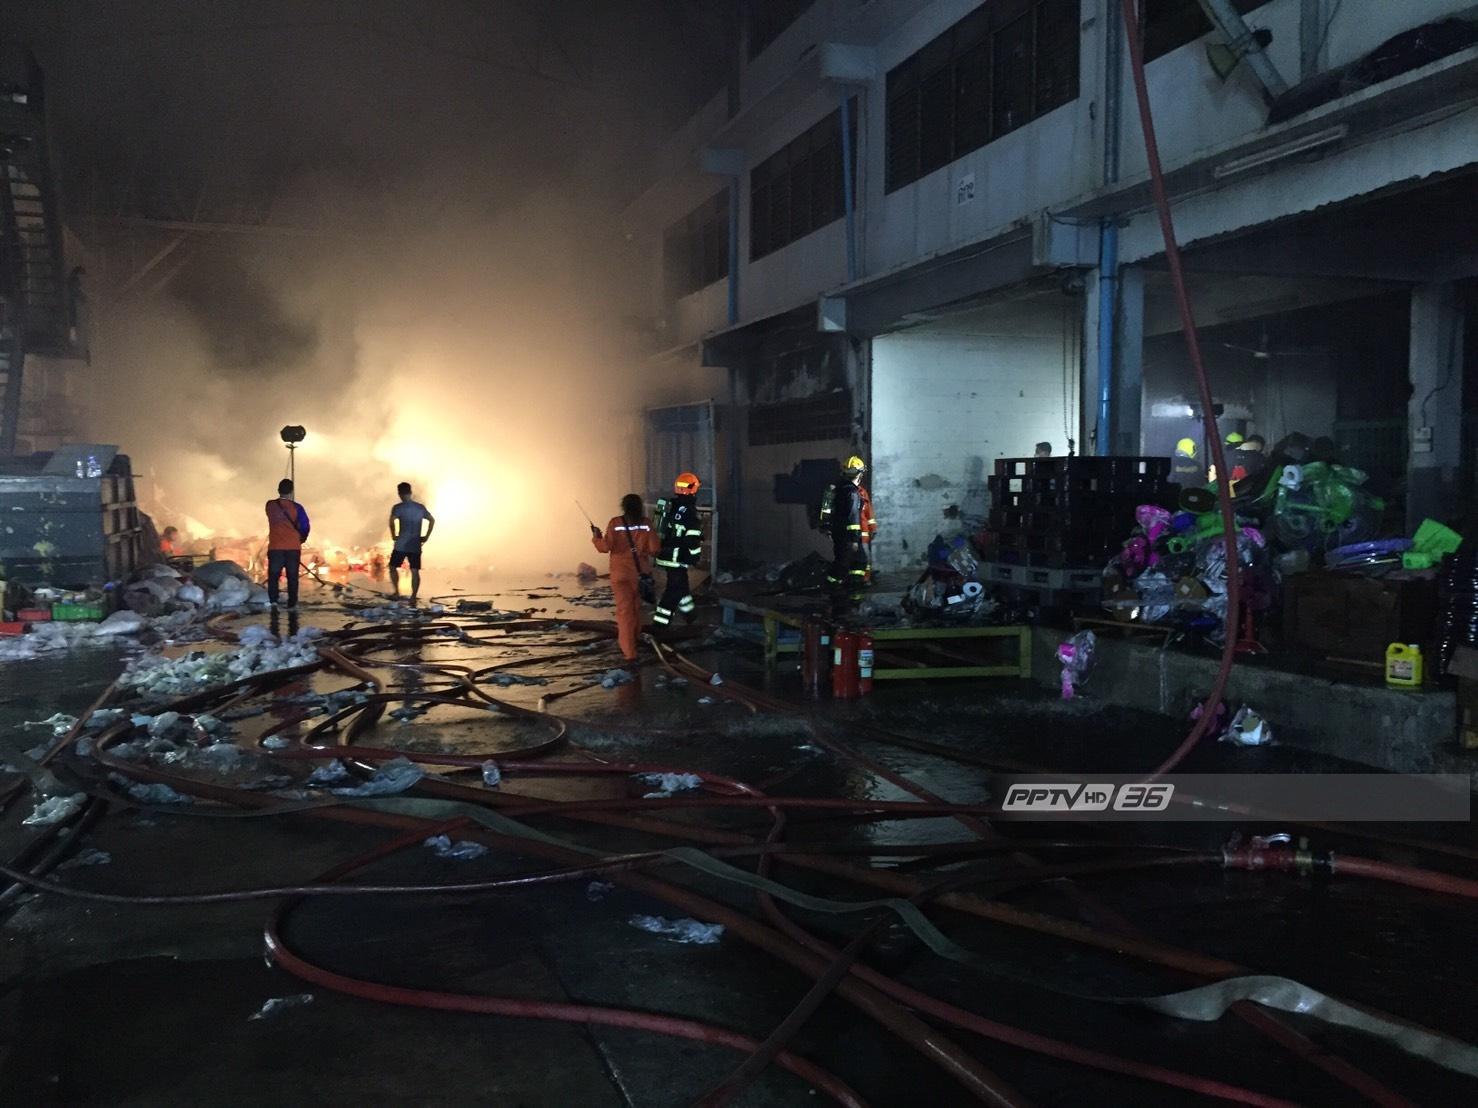 เพลิงไหม้โรงงานผลิตพัดลม ย่านประชาอุทิศ 33